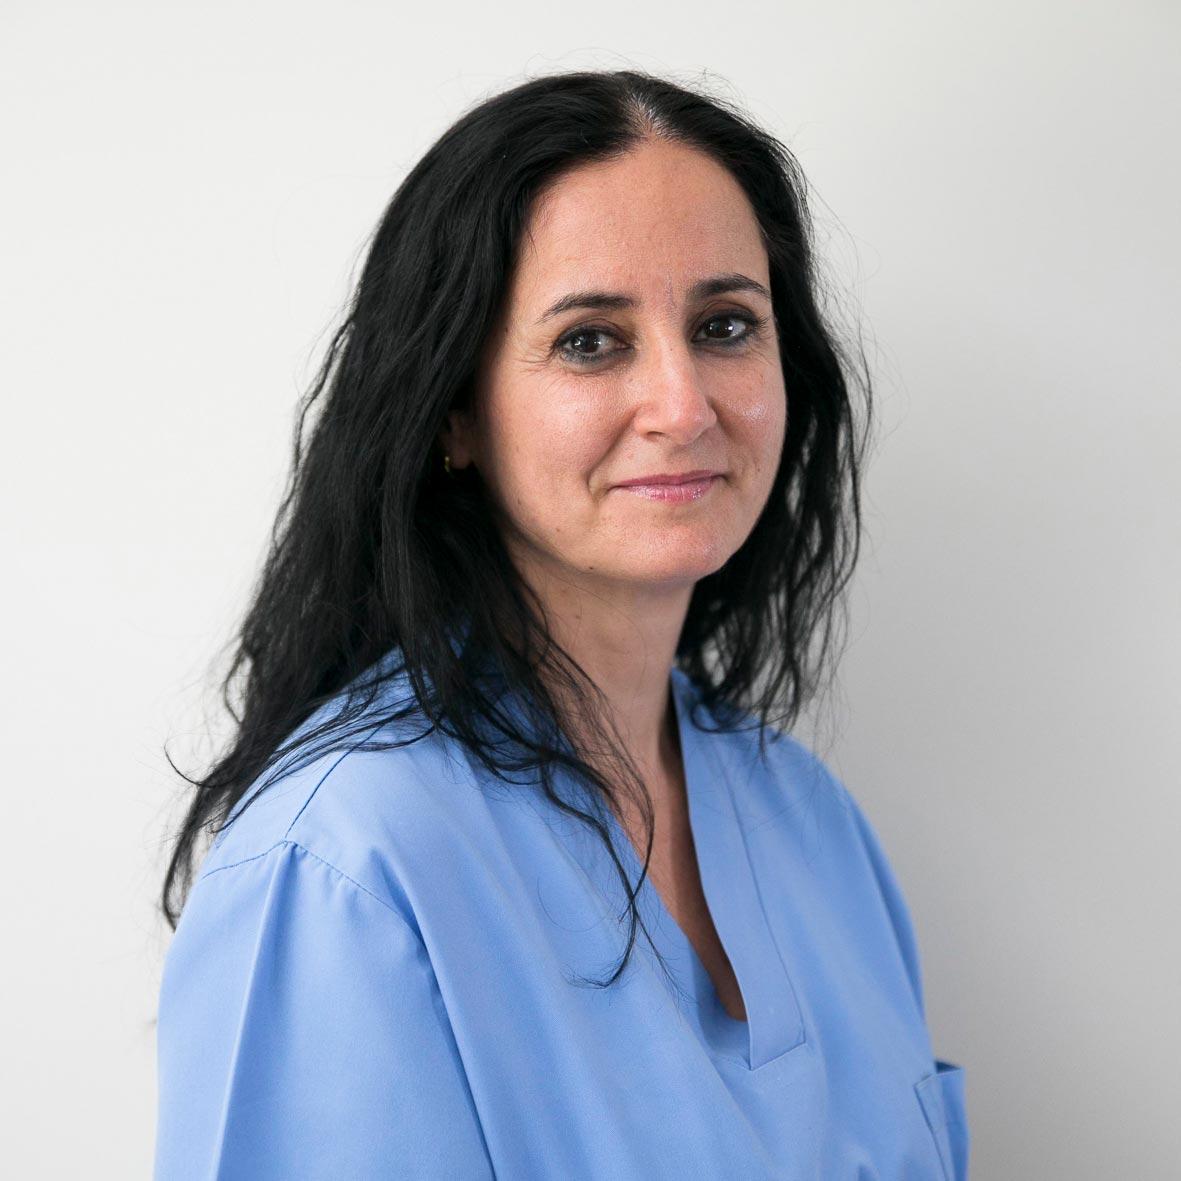 Dr. Susana Cortés Gallego